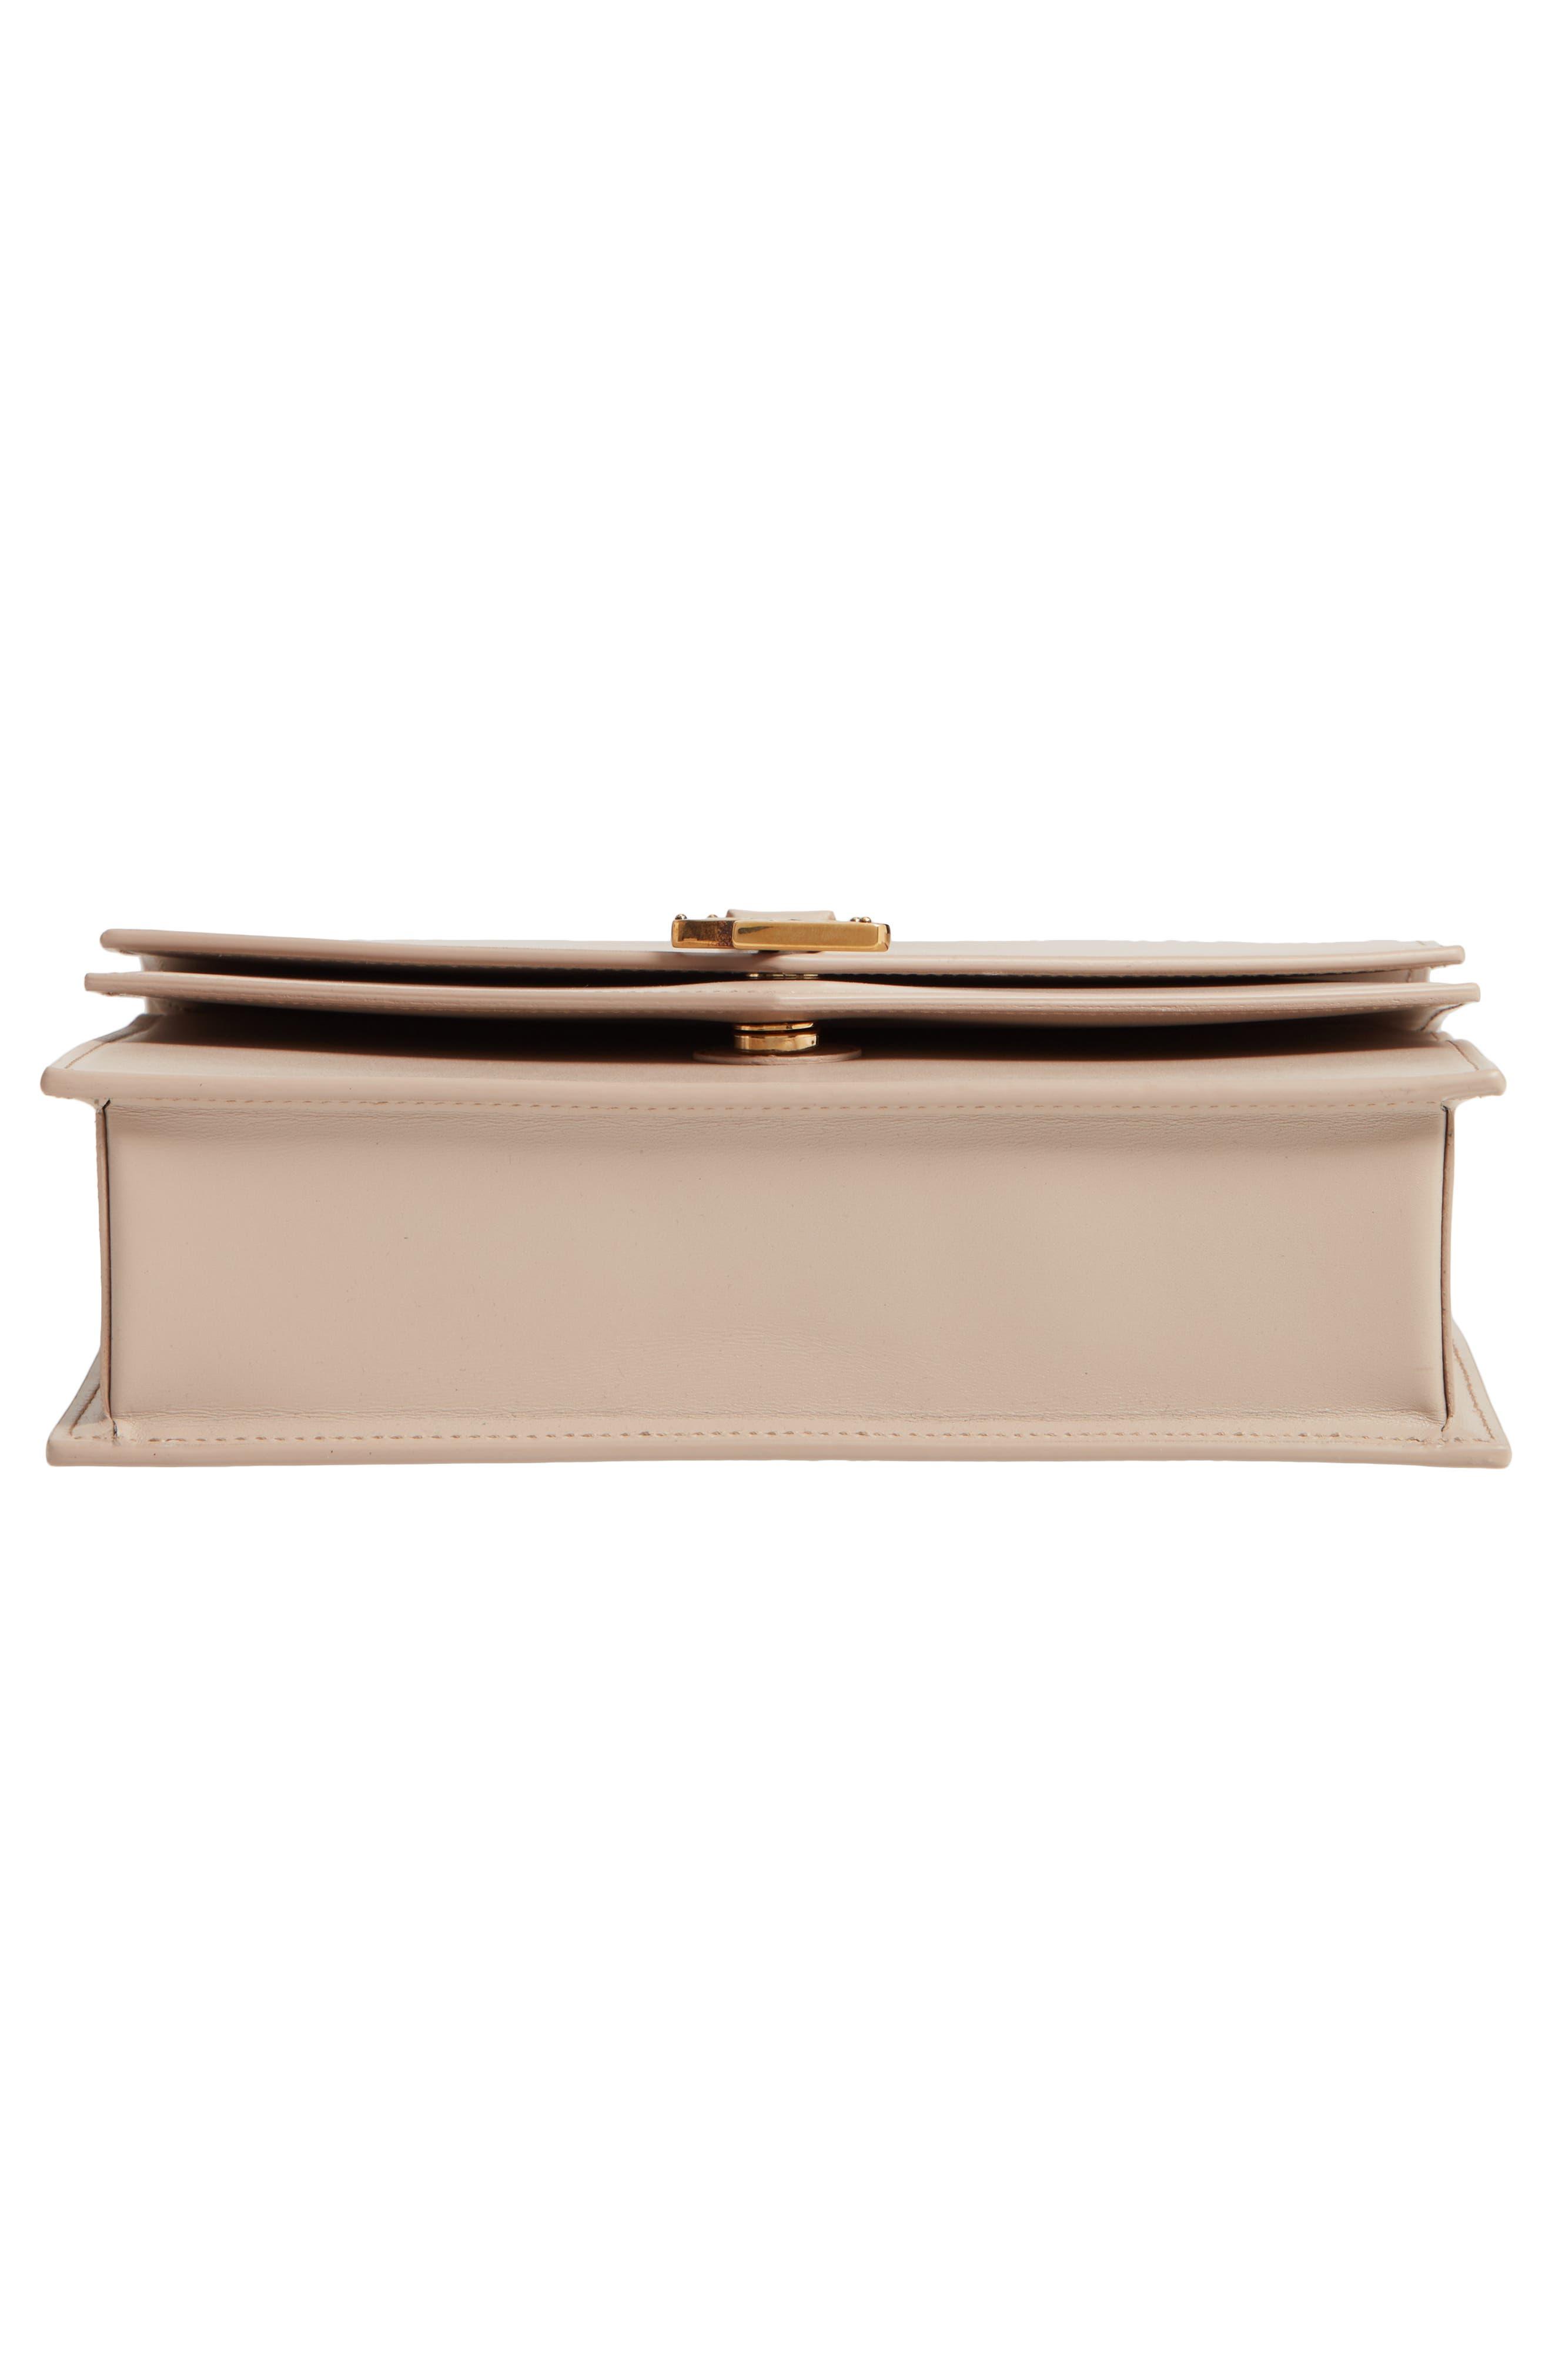 Sulpice Leather Shoulder Bag,                             Alternate thumbnail 6, color,                             LIGHT NATURAL